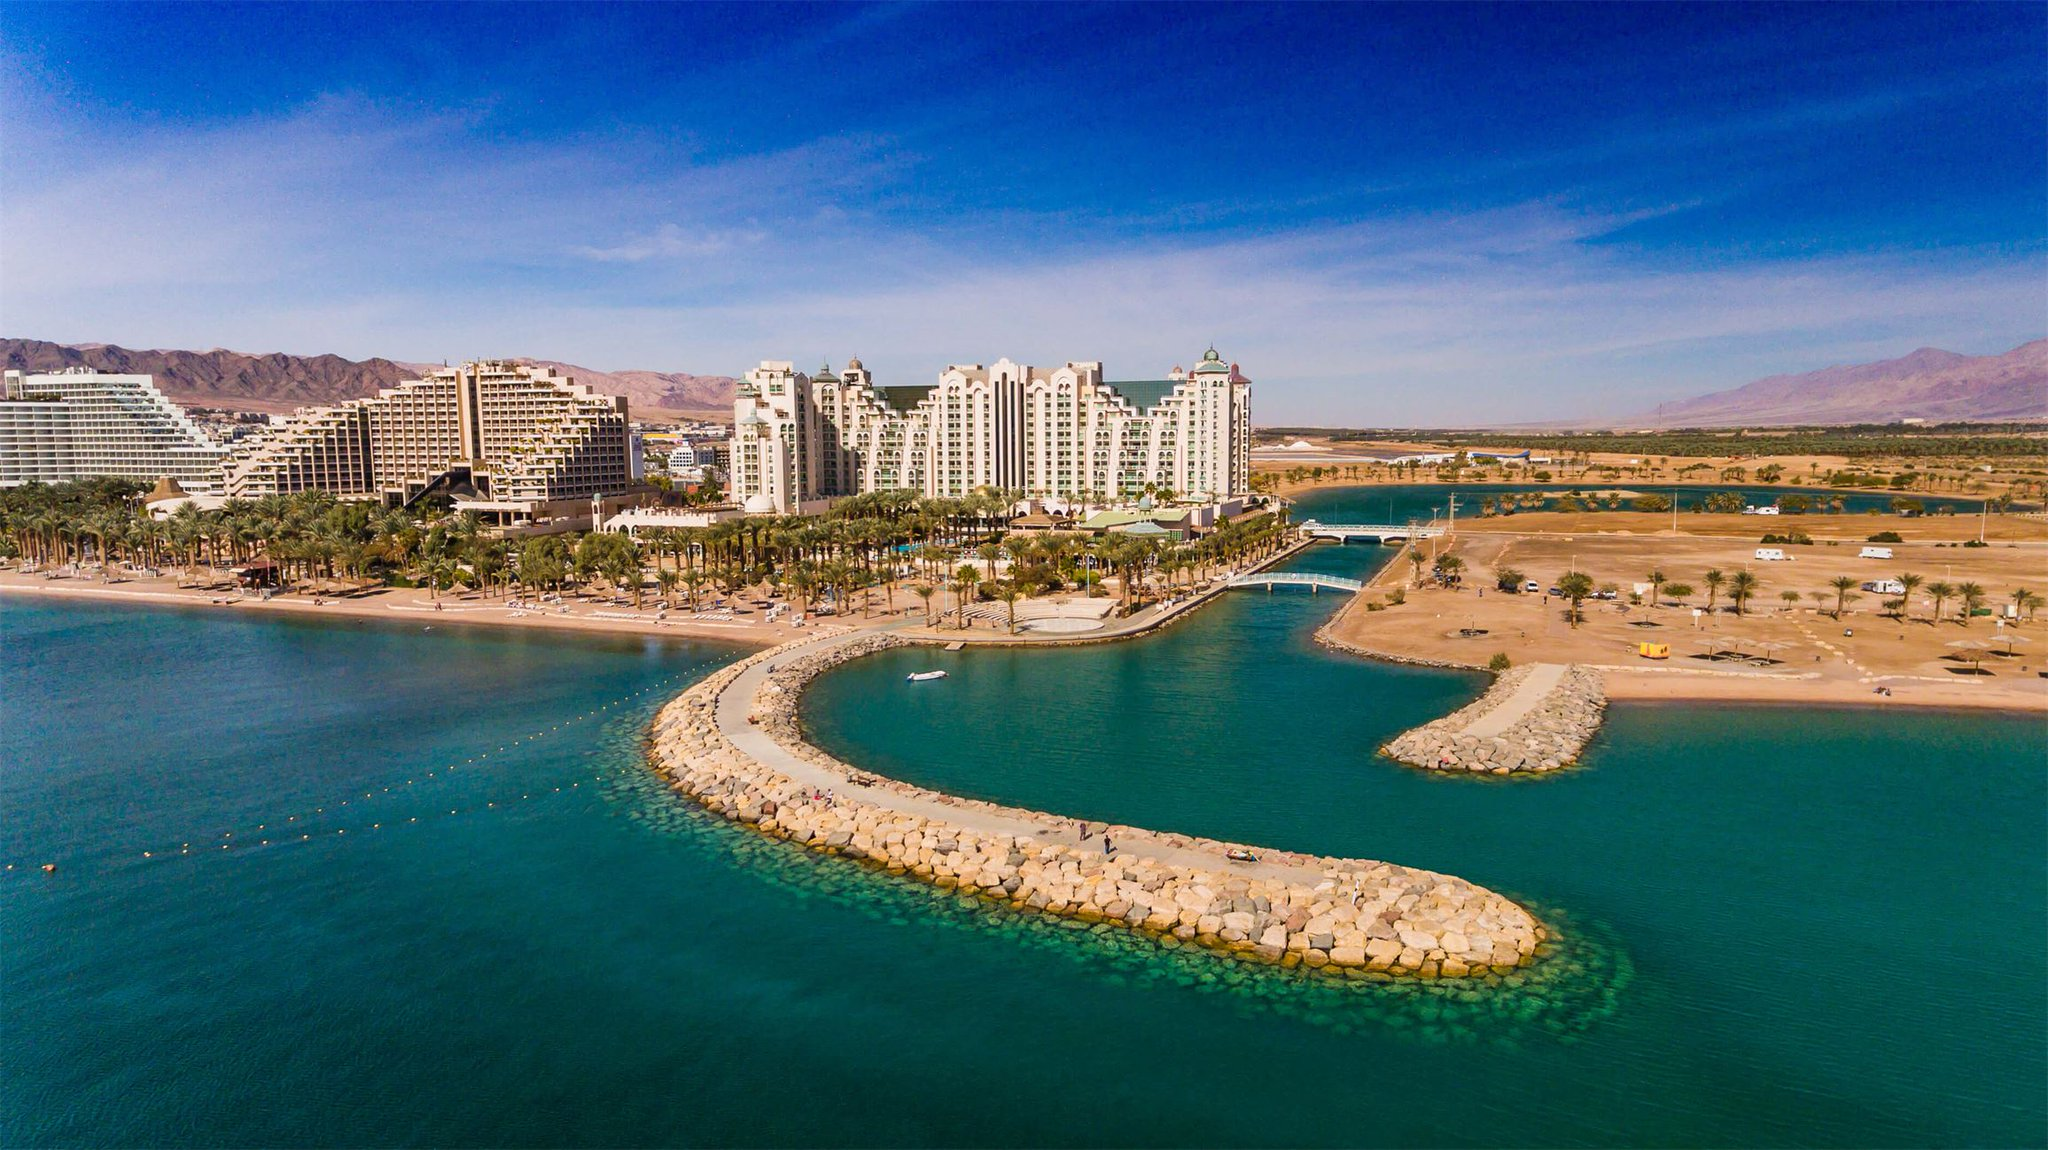 самые красивые пляжи израиля фото занимает особую нишу